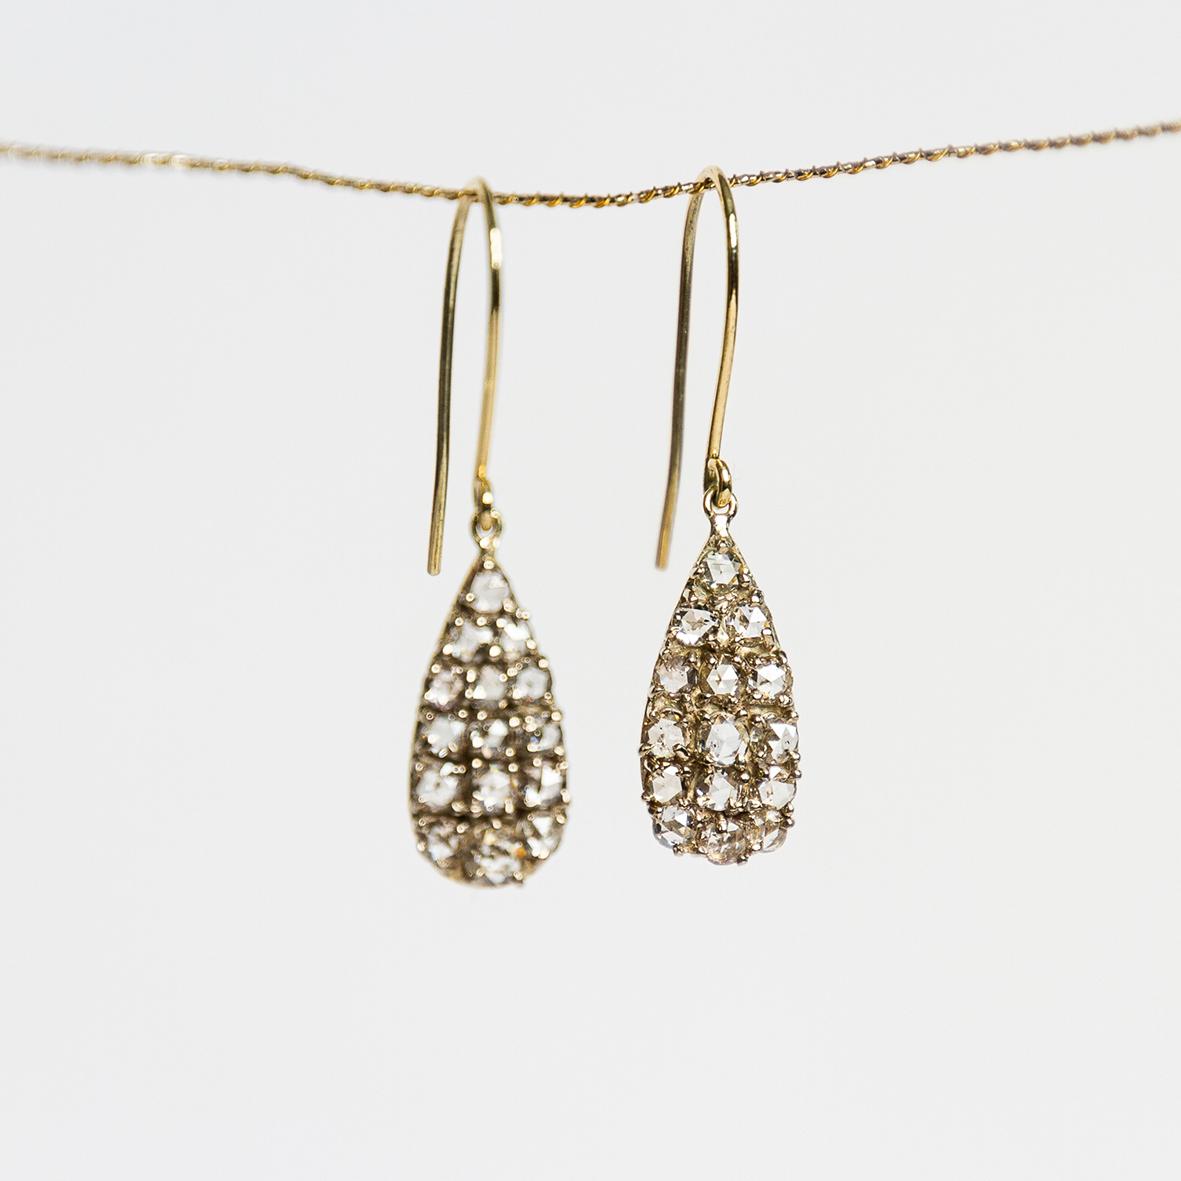 5. OONA_lotus_ficha1_drop rose-cut diamond earrings